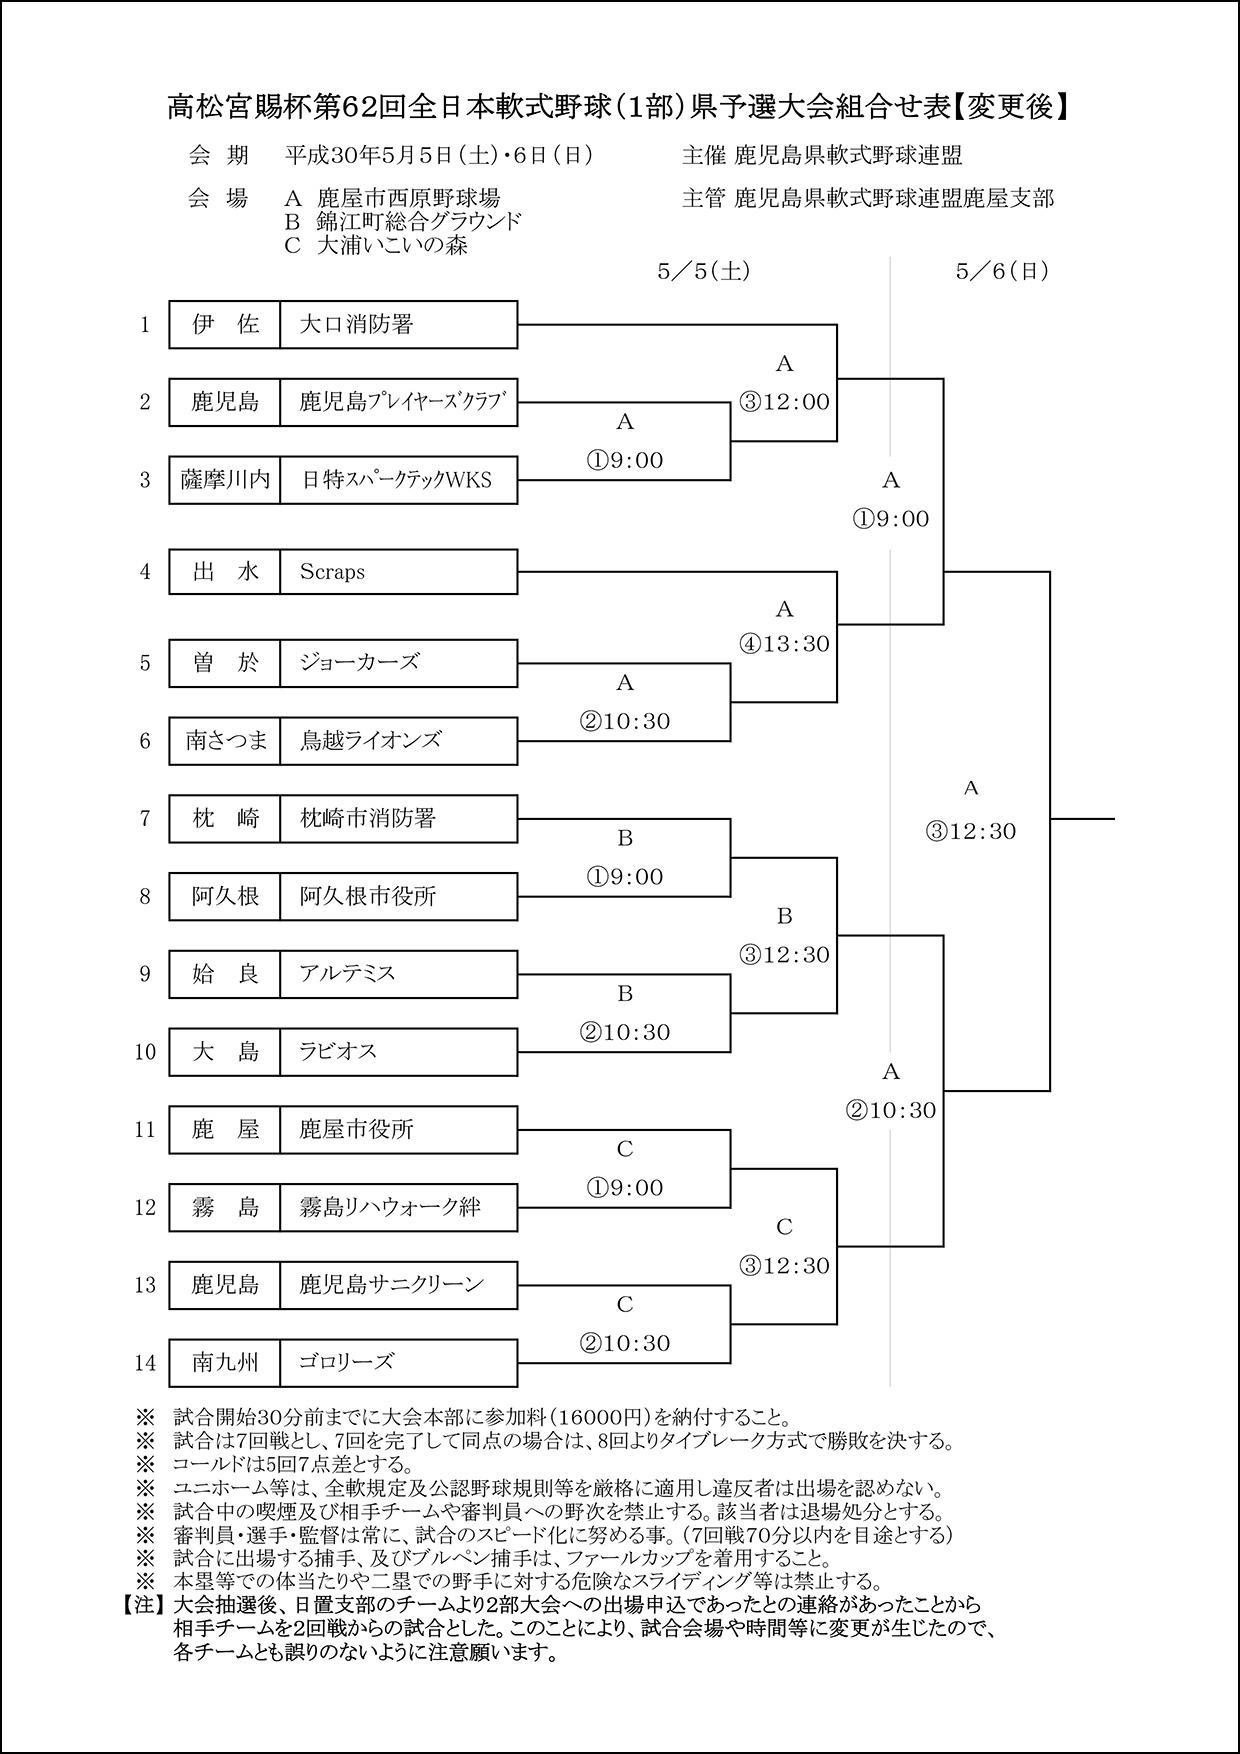 【5/2変更有】高松宮賜杯第62回全日本軟式野球(1部)県予選大会